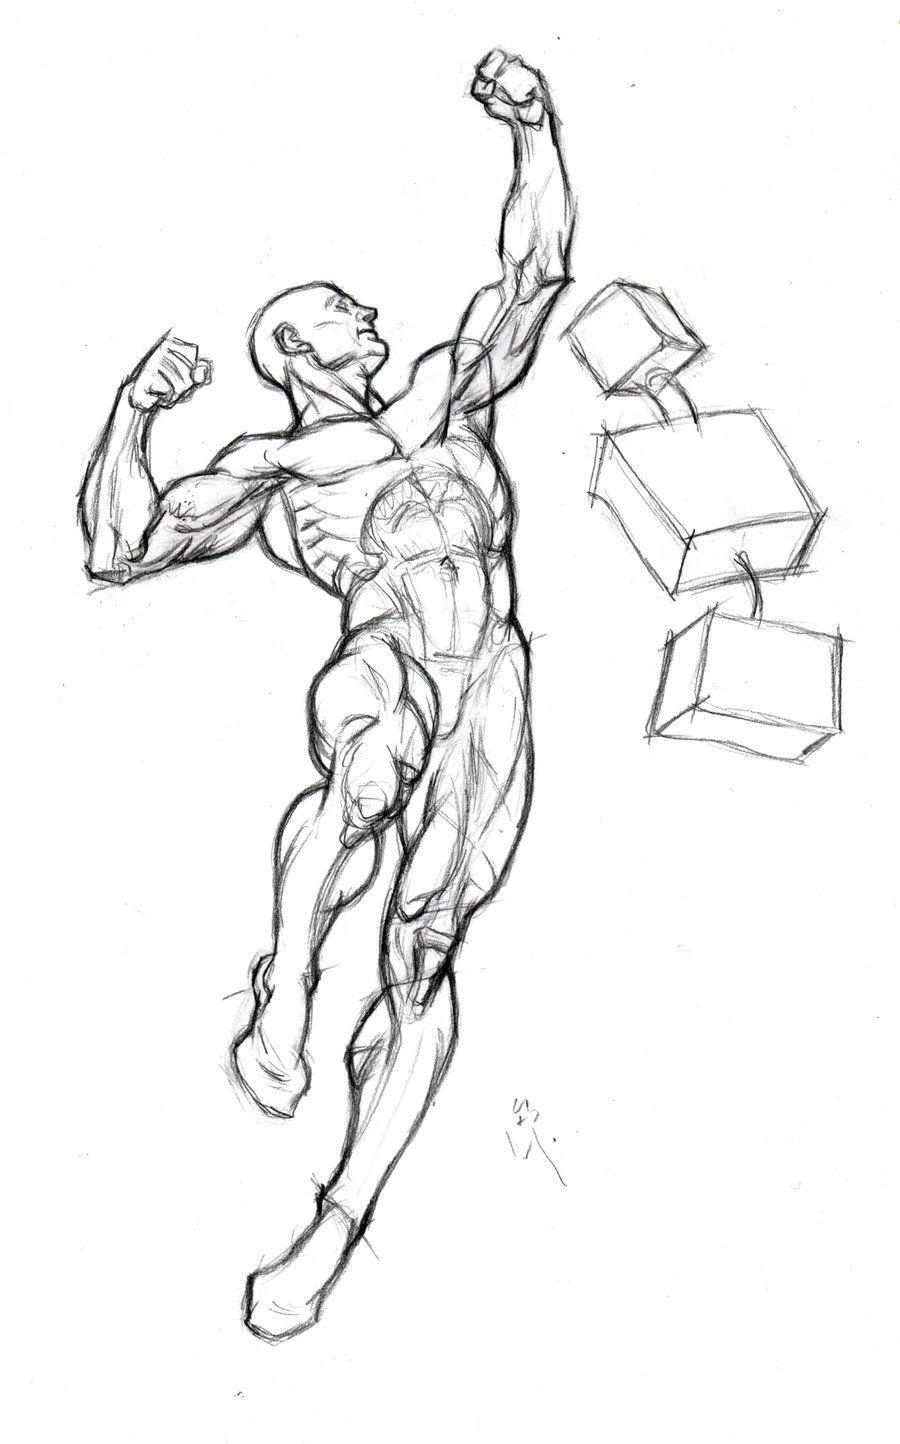 Pin de Richard en character design | Pinterest | Cuerpo, Anatomía y ...